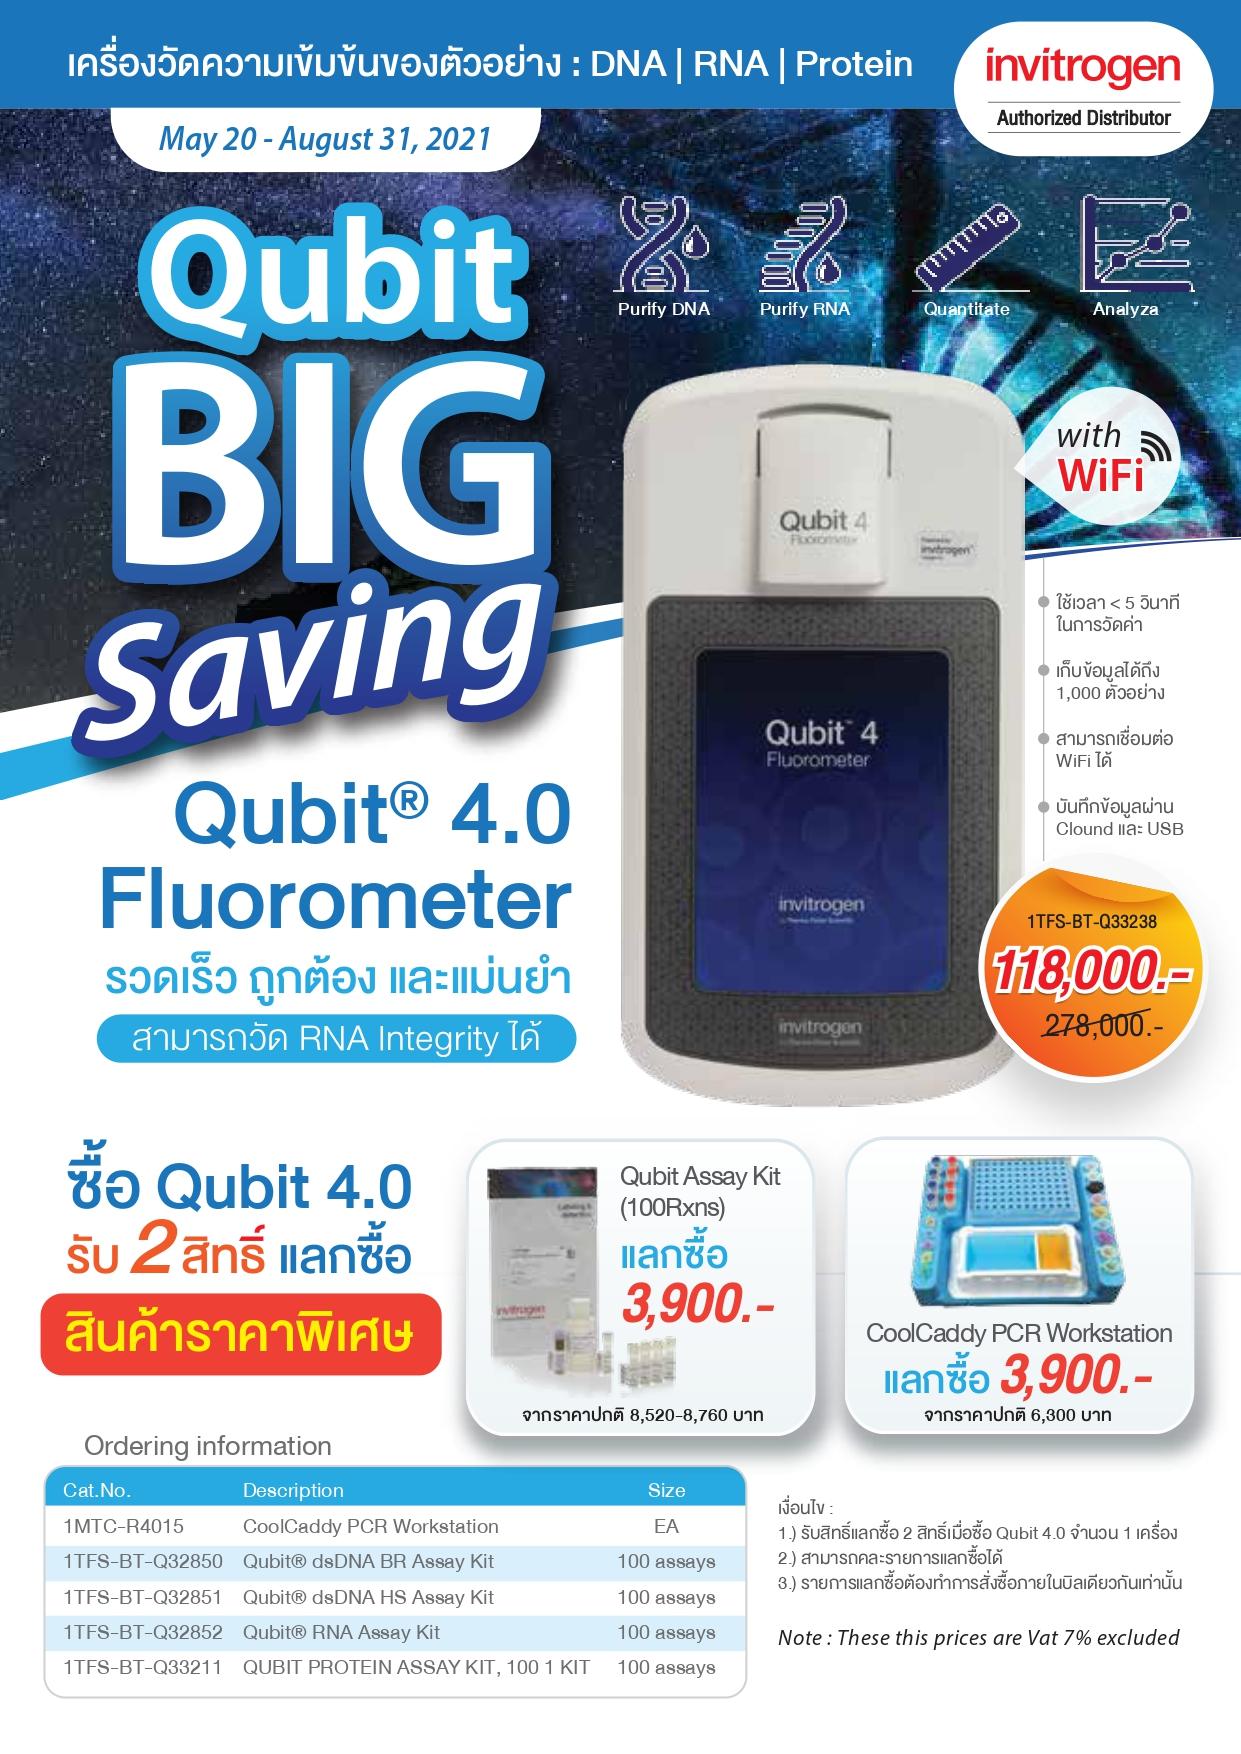 Qubit Big Saving